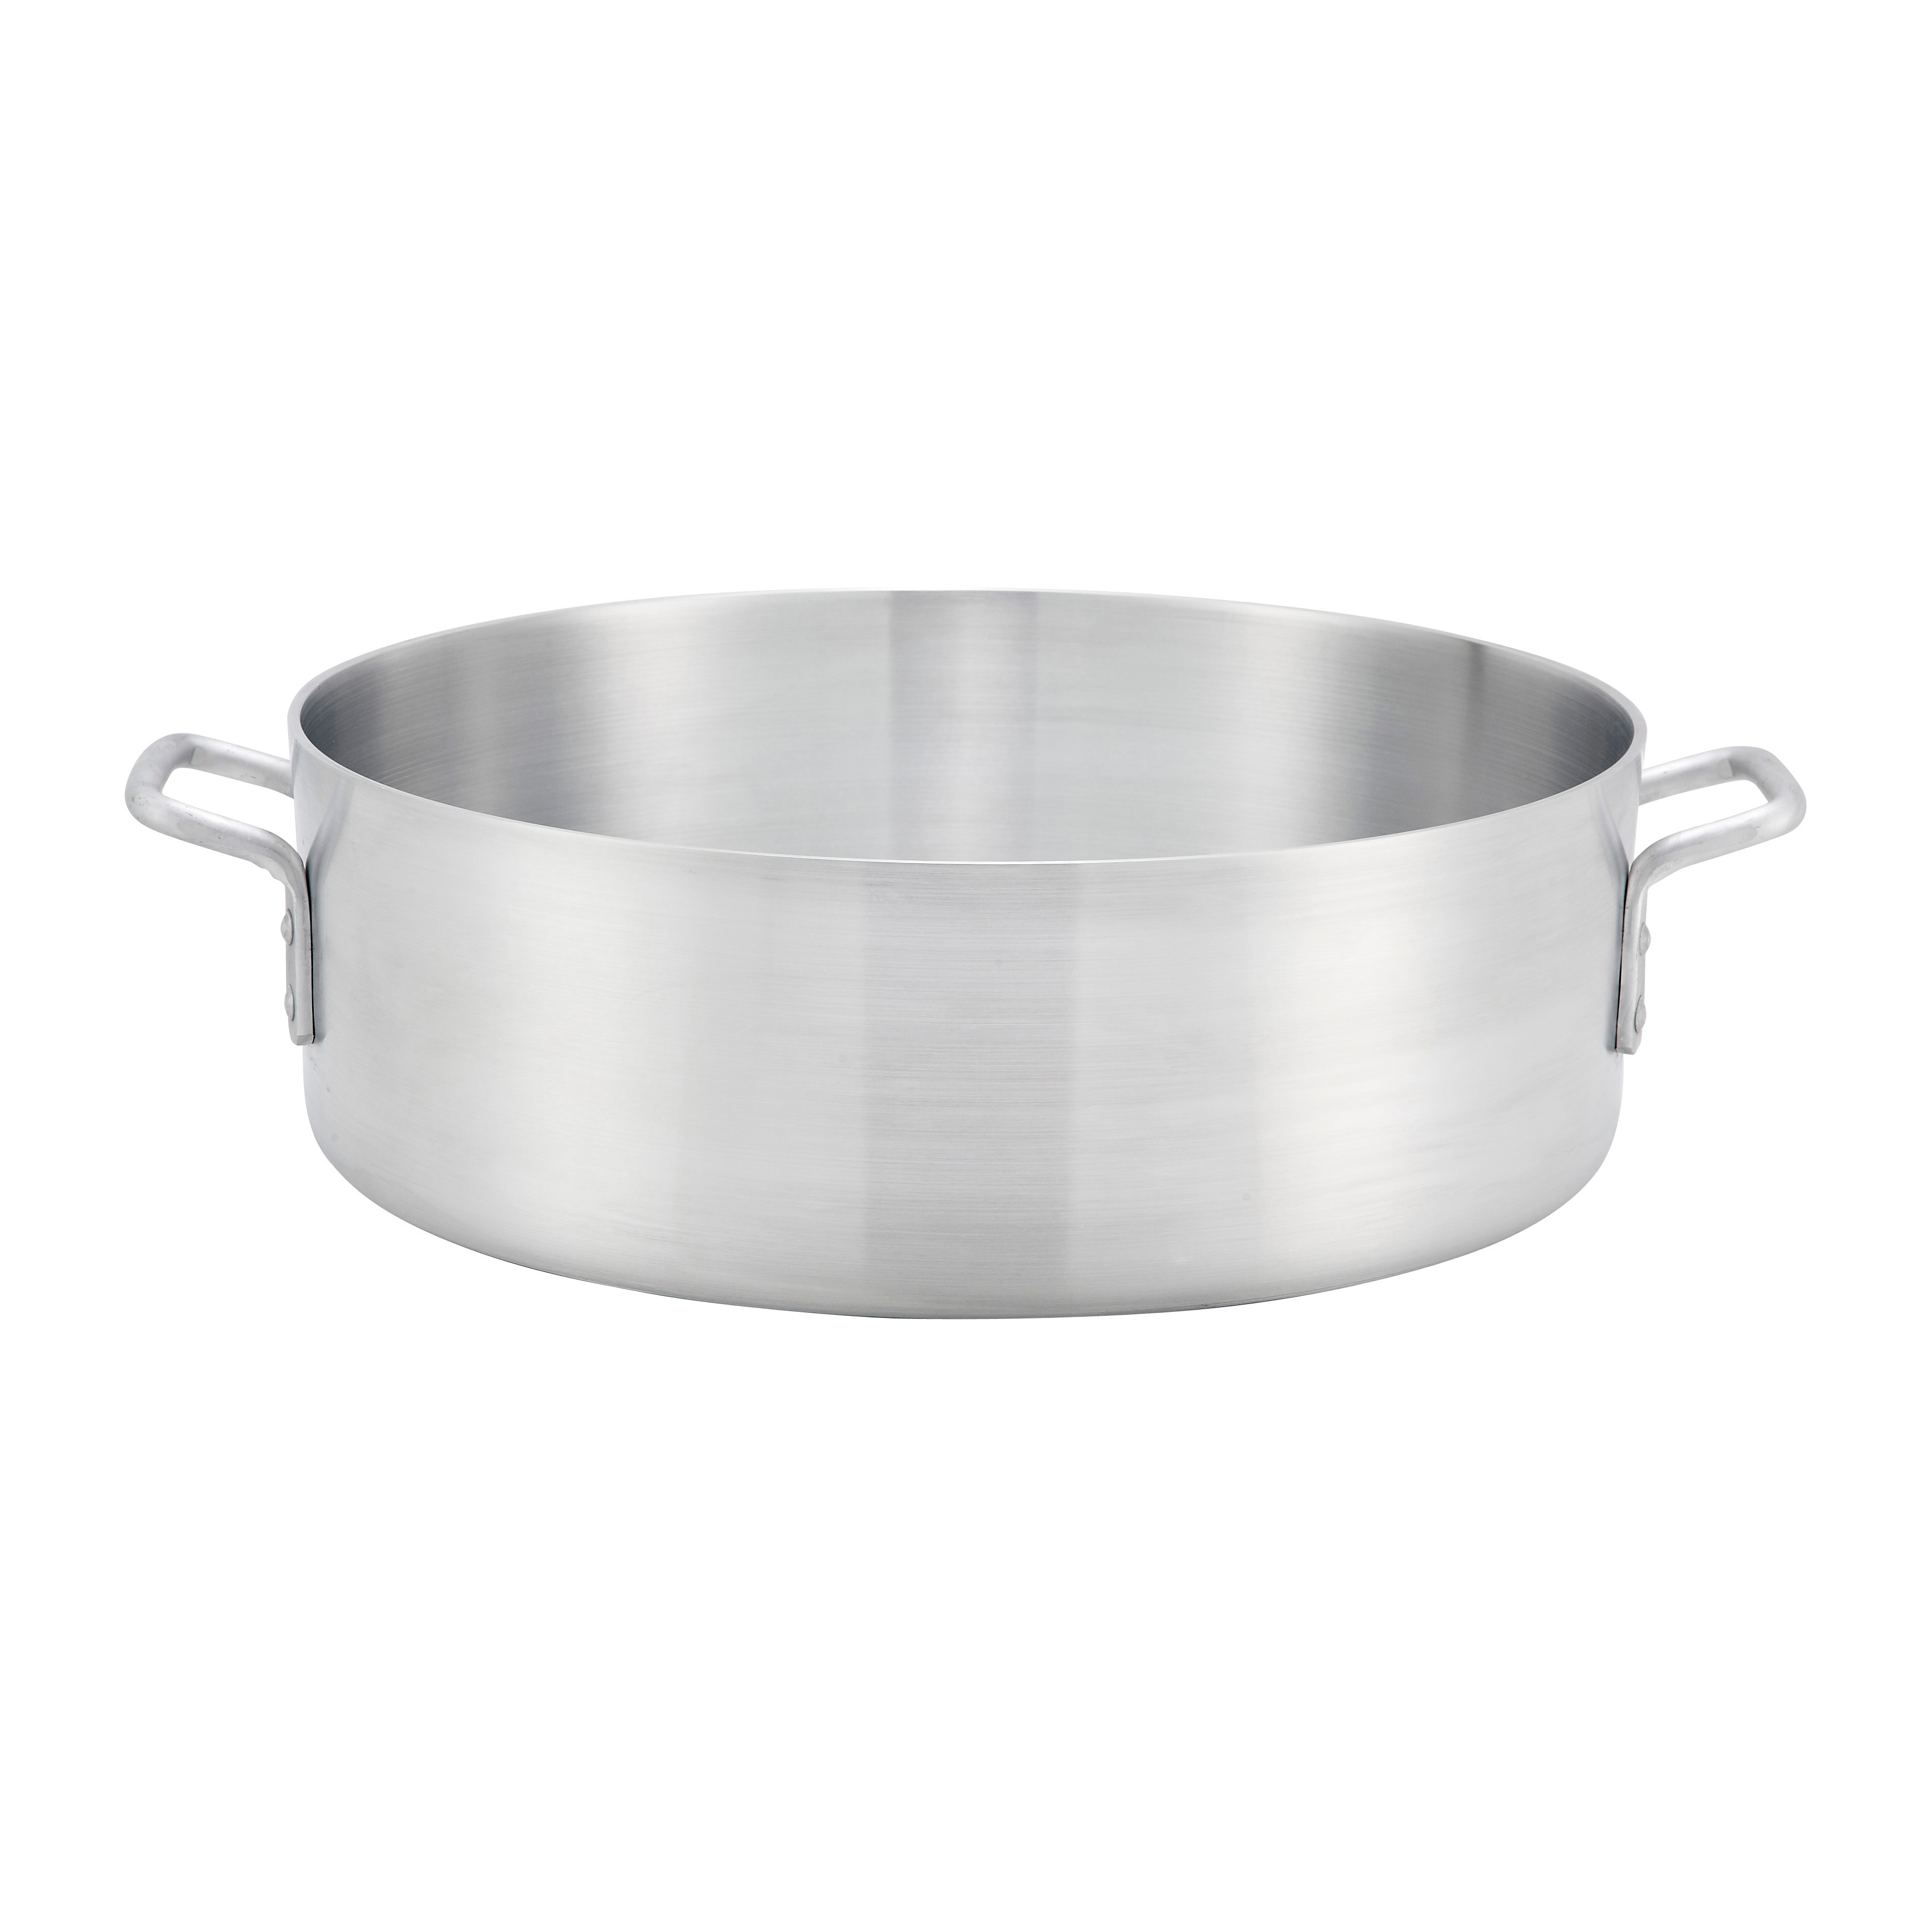 Winco ALB-40 brazier pan